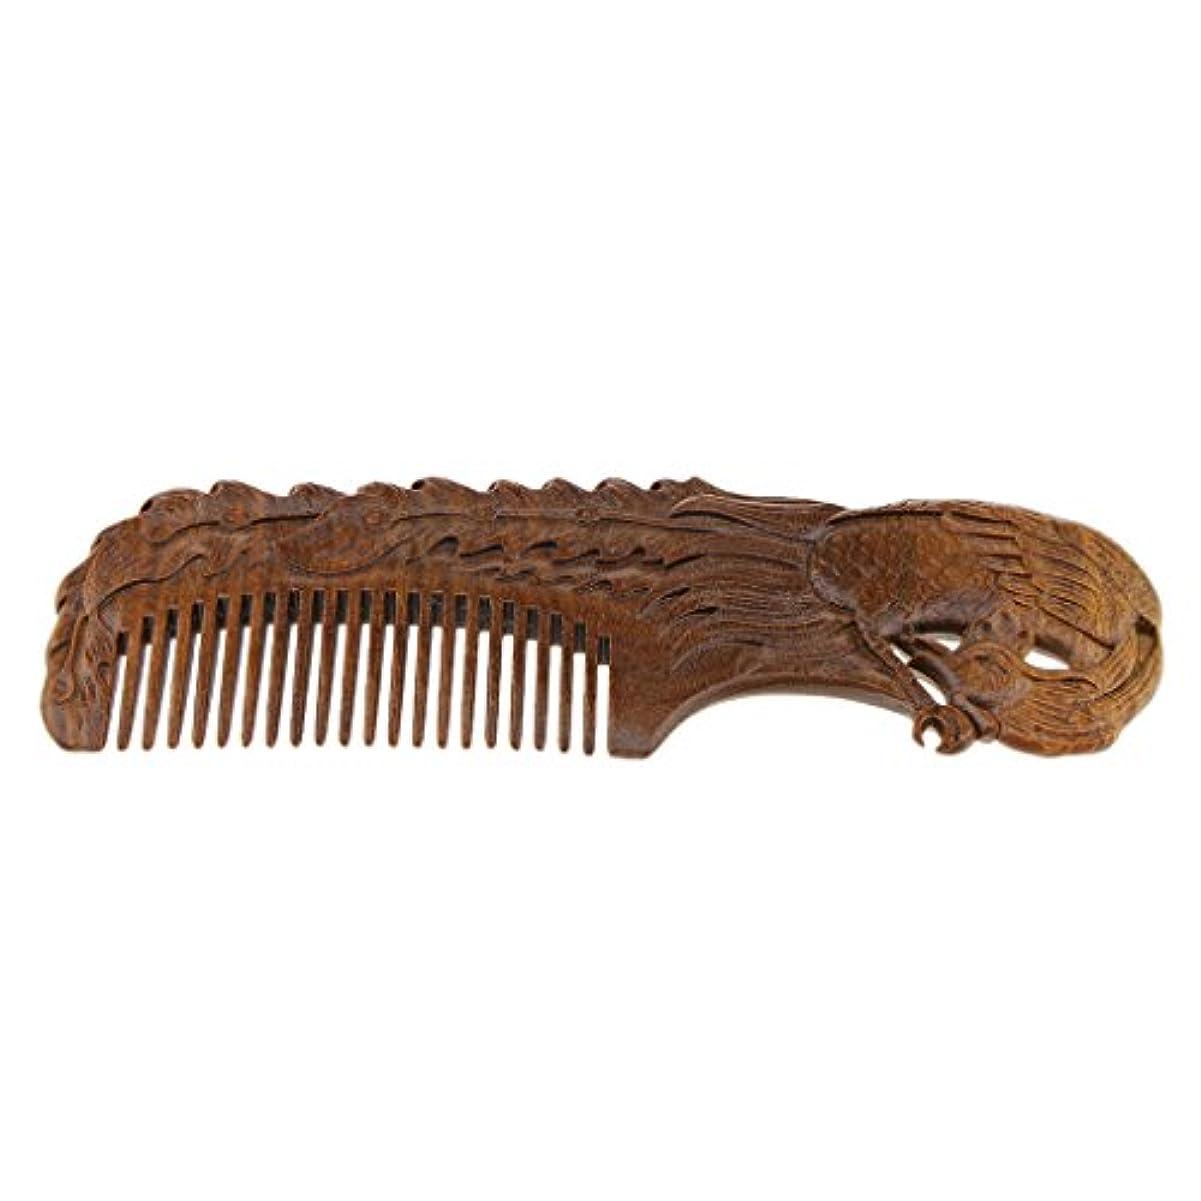 砂のフォーカスサイトウッドコーム 木製コーム 木製櫛 ヘアブラシ ヘアコーム 滑らかな歯 頭皮マッサージ 全2種類選択 - Phoenix